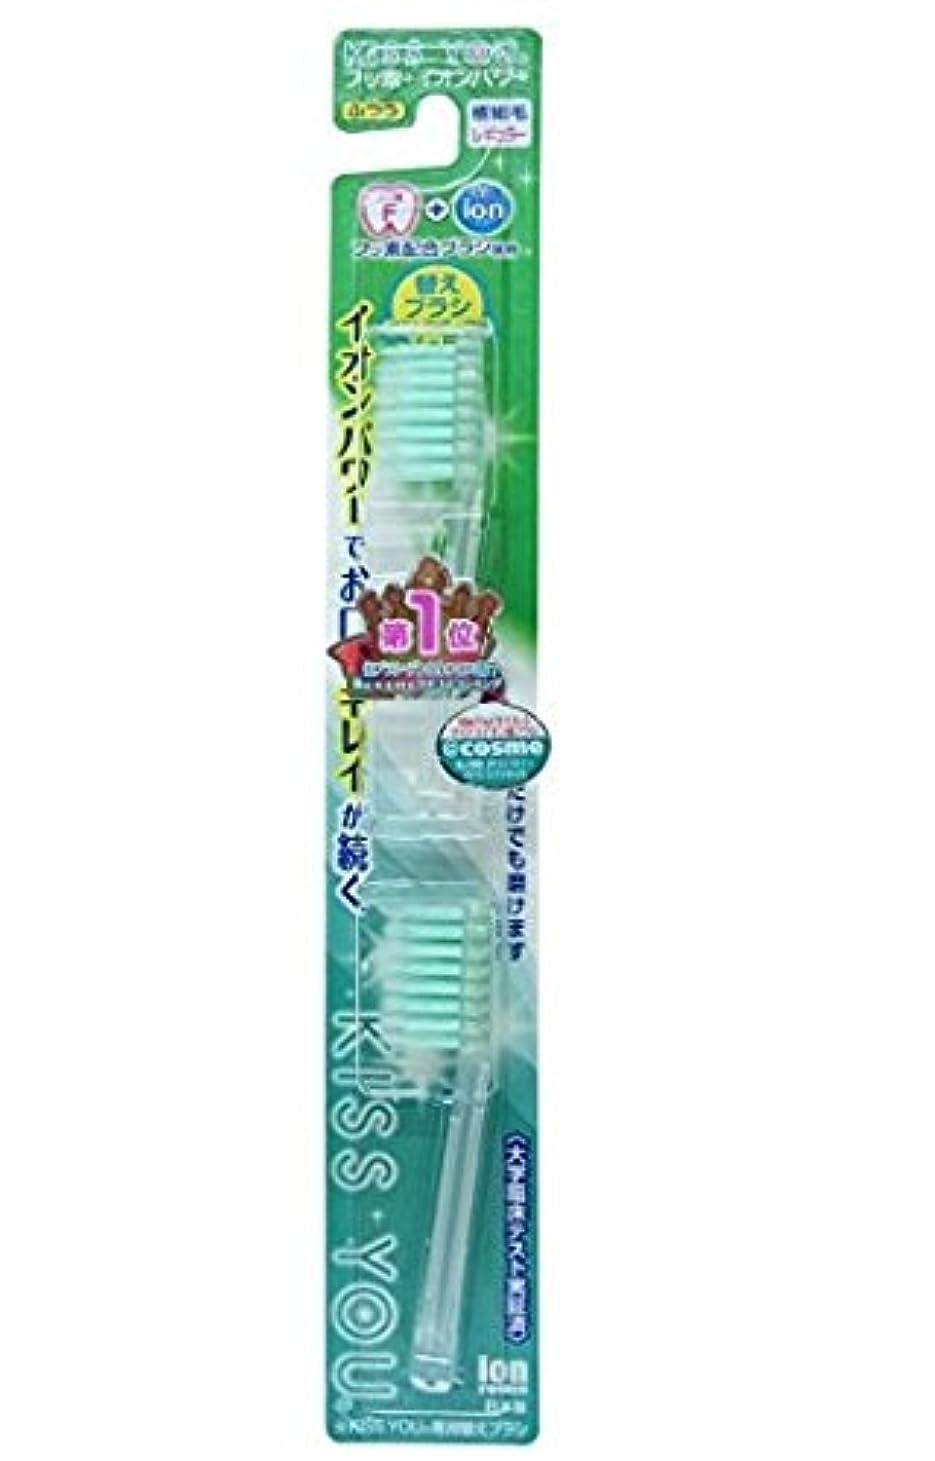 レトルトリフト羊飼いフッ素イオン歯ブラシ極細レギュラー替えブラシふつう × 10個セット